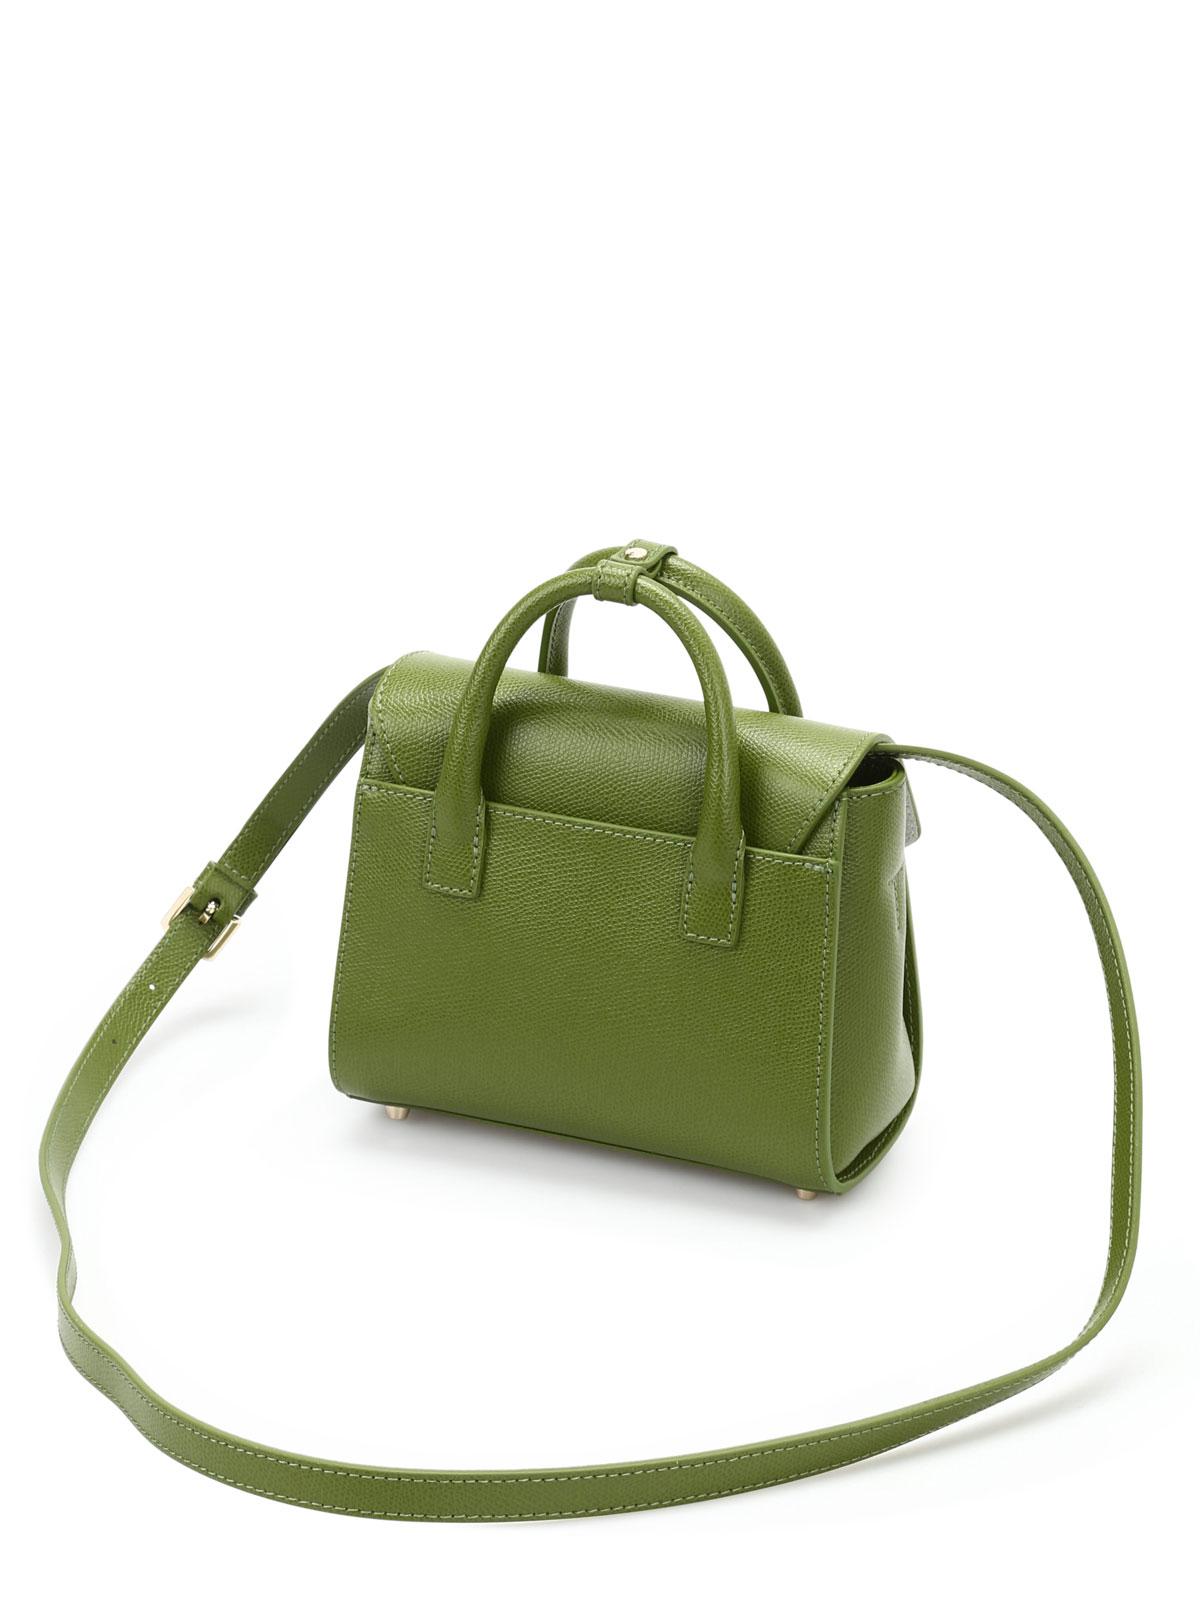 FURLA Tasche aus Leder, grün NEU mit t